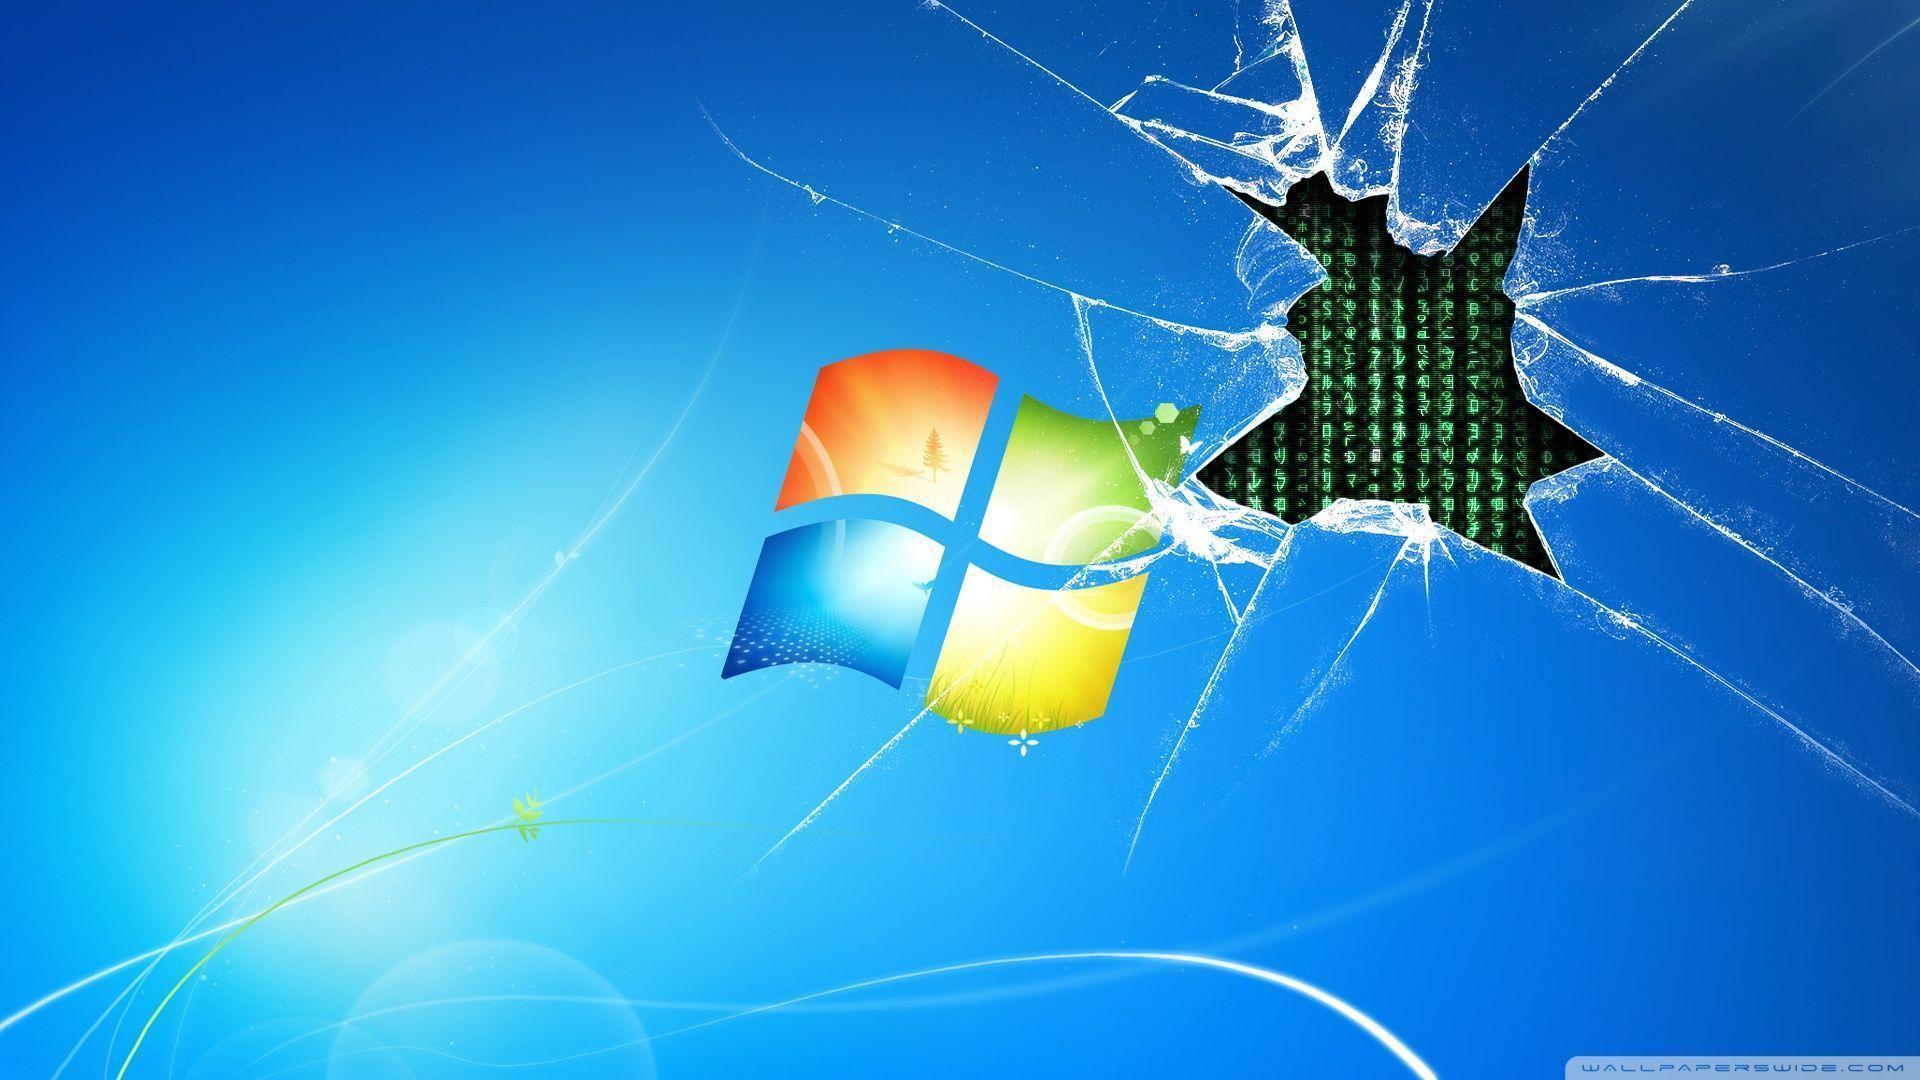 Windows 7 runs on the Matrix [Wallpaper] Reviews news